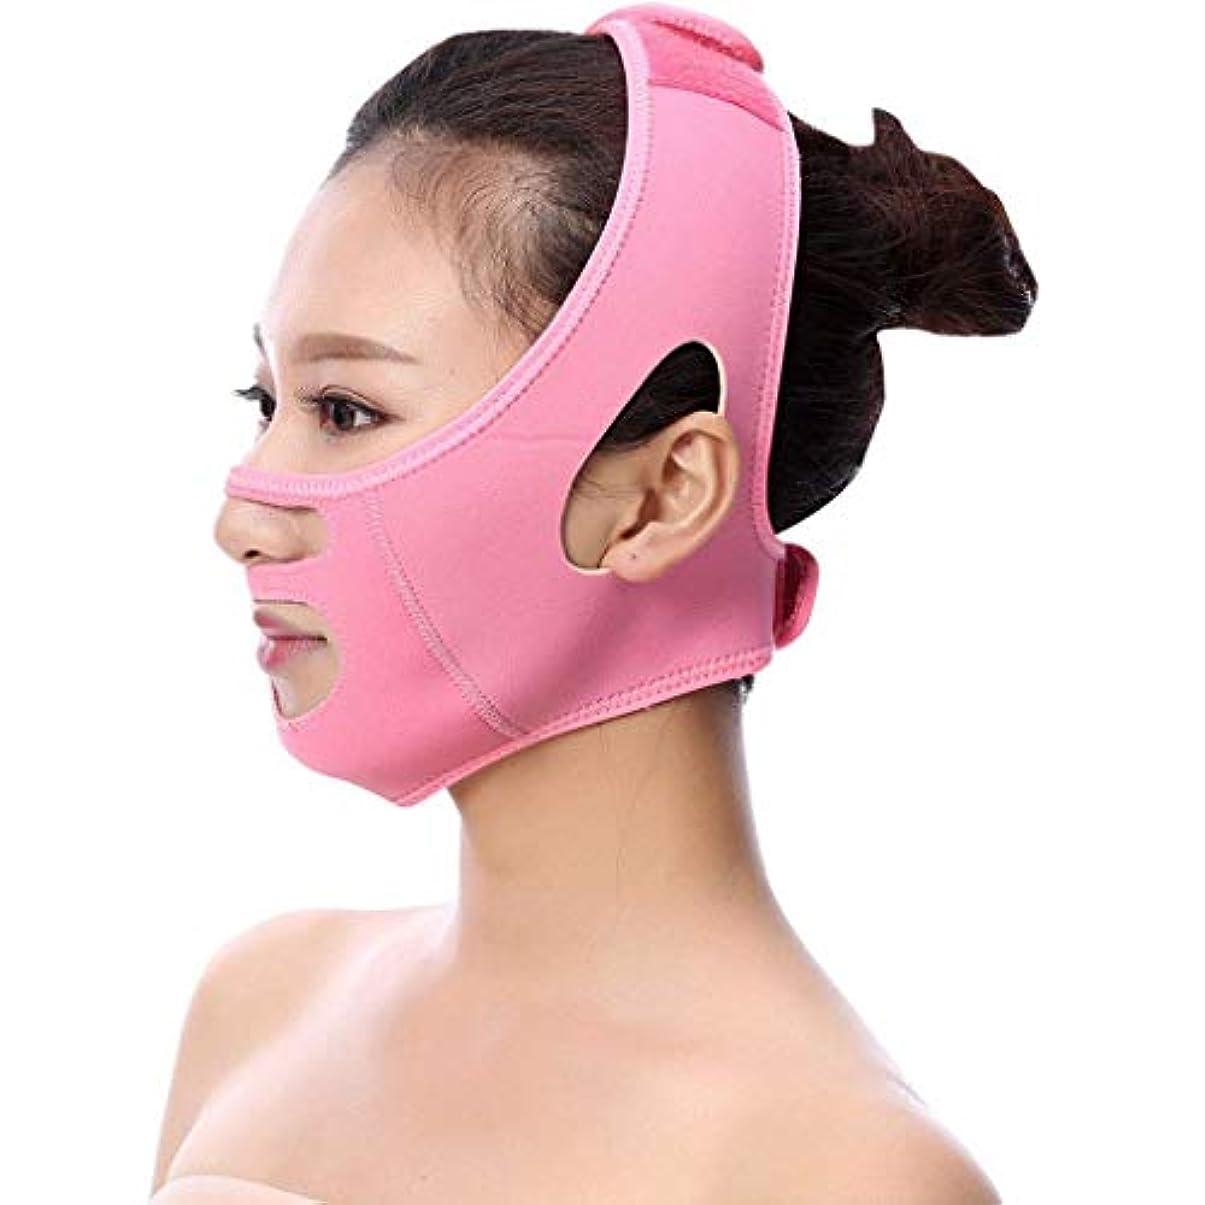 ナース仲間地殻HUYYA ファーミングストラップリフティングフェイスリフティング包帯、フェイスマスク V字ベルト補正ベルト ダブルチンヘルスケアスキンケアチン,Pink_Large